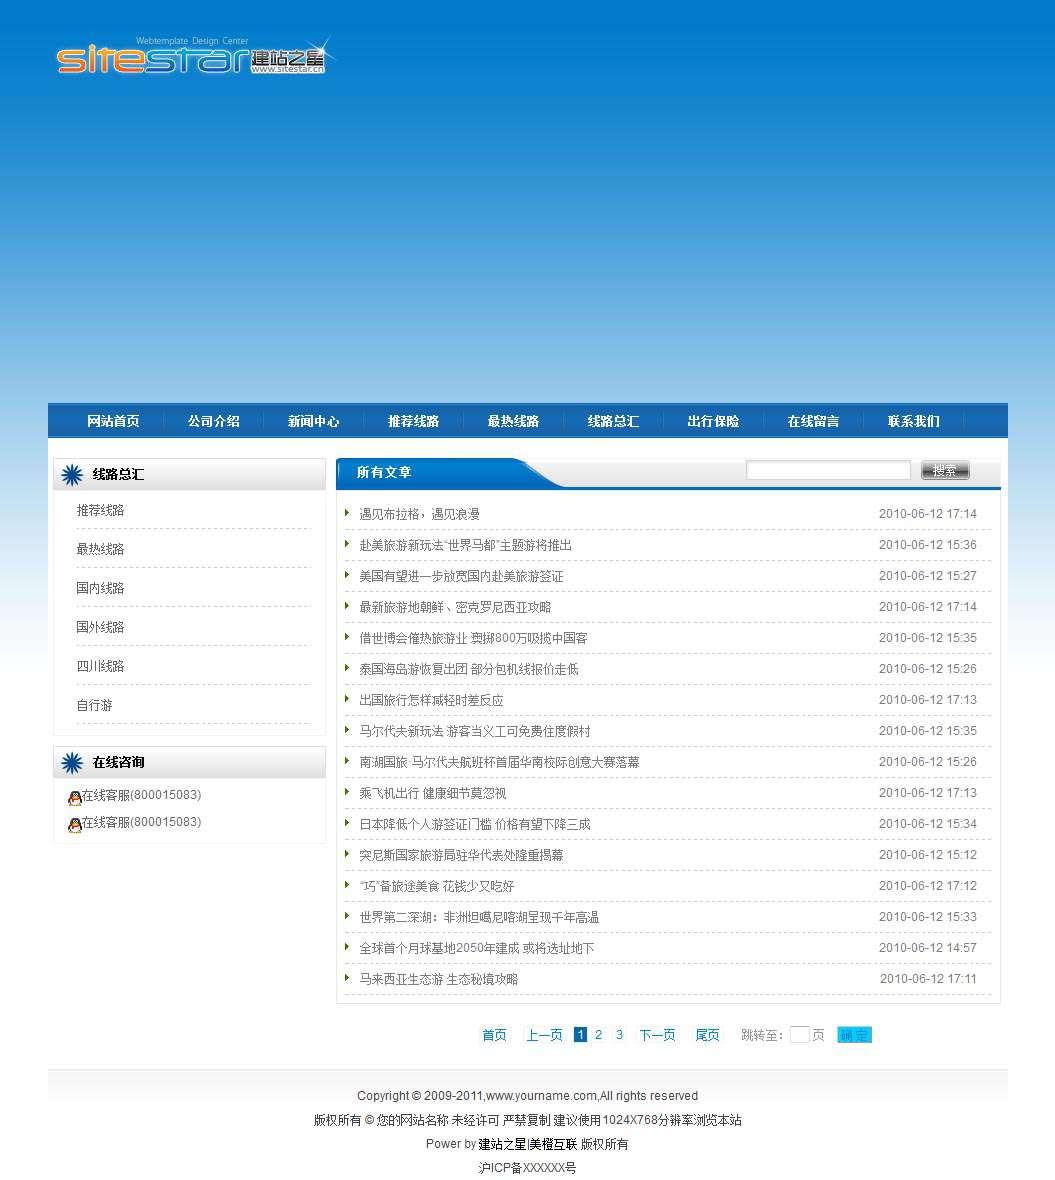 企业网站-风景A17模板列表页面